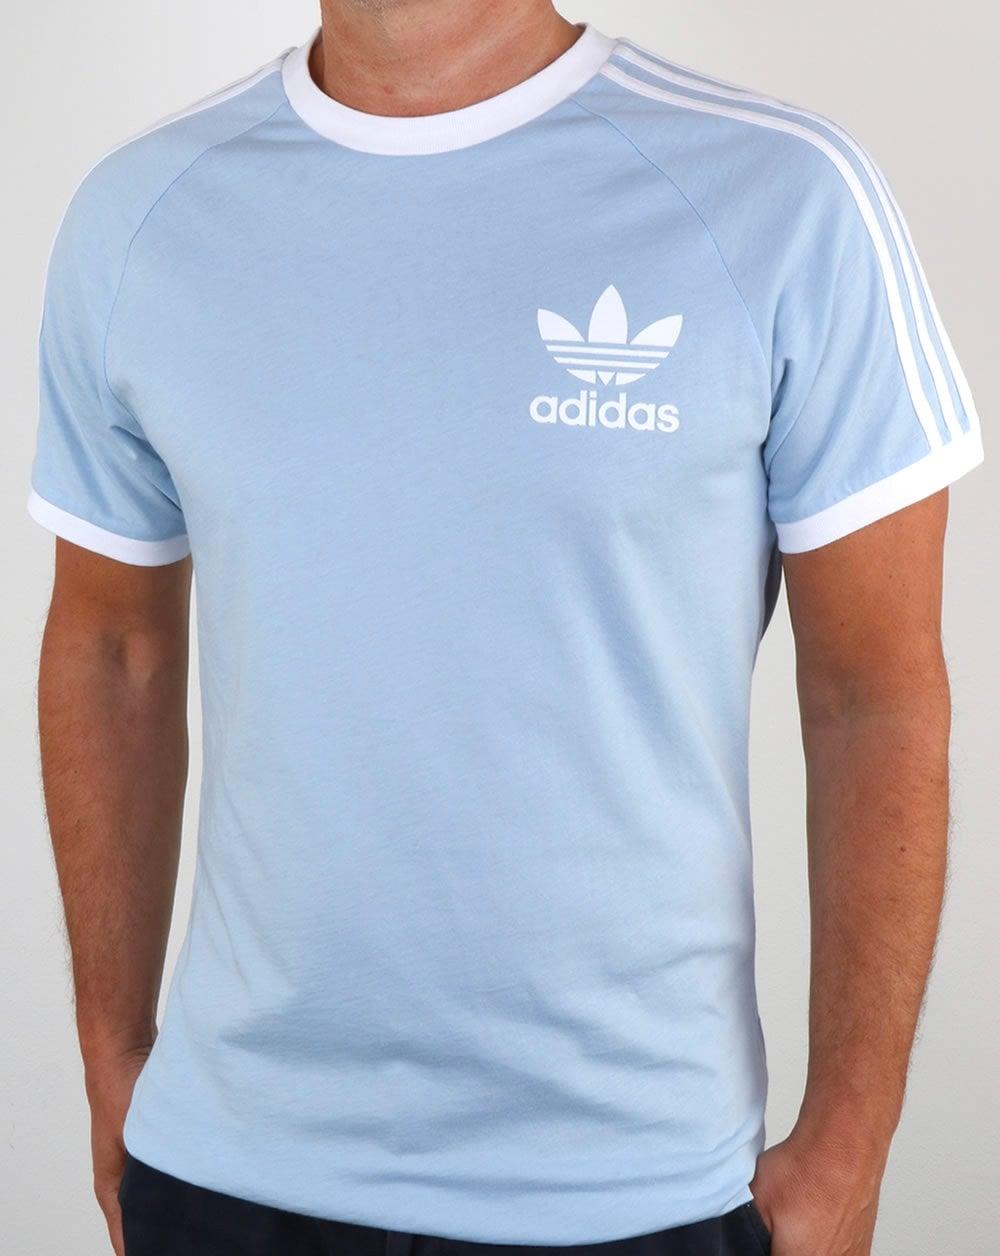 adidas originals t shirt sky3 striperetro california